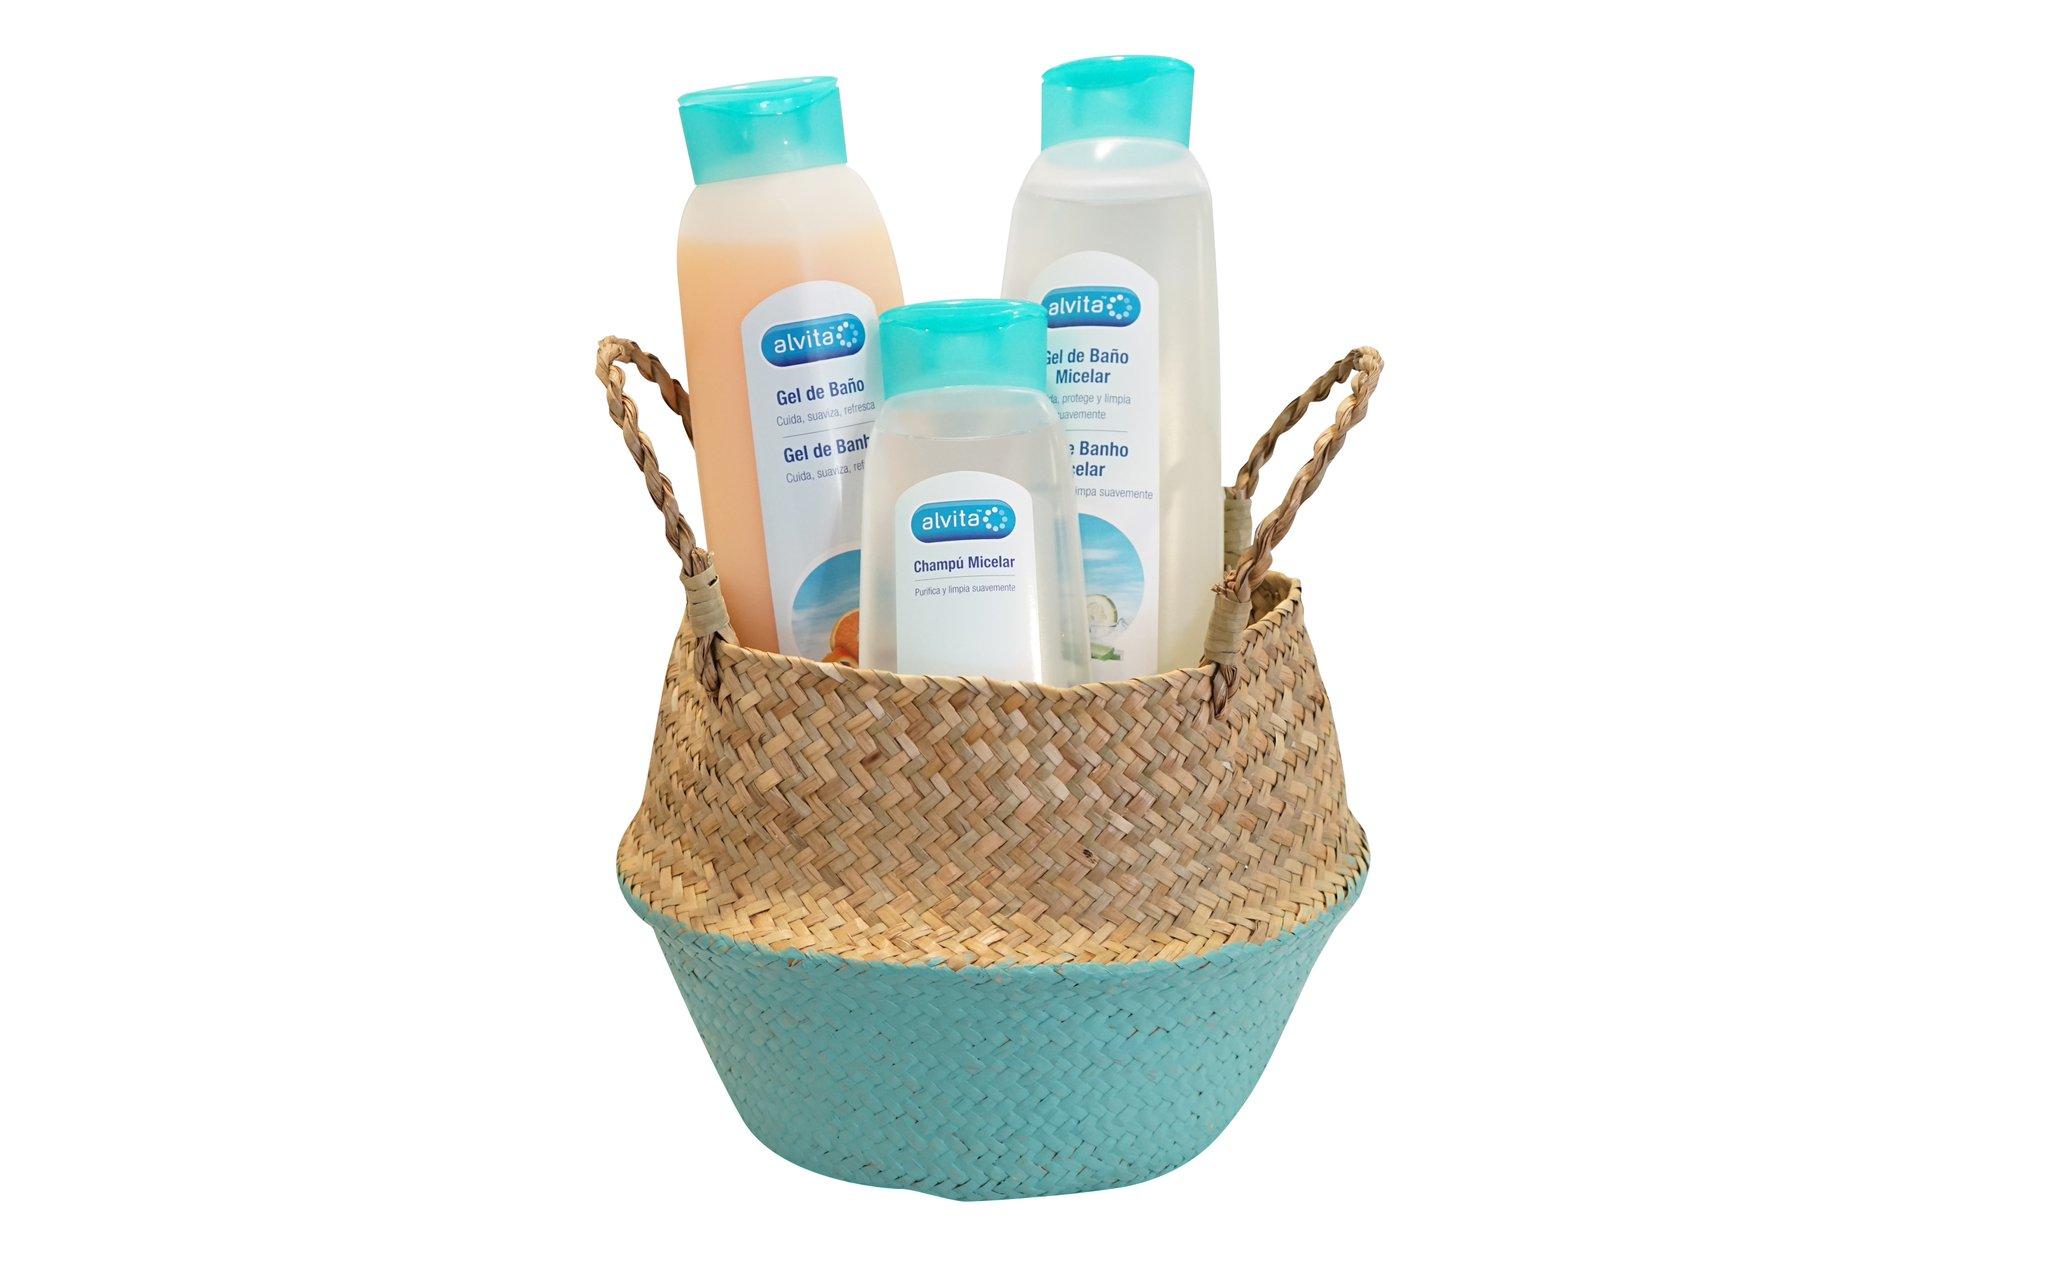 """Alliance Healthcare ES on Twitter: """"#SORTEO No pierdas la oportunidad de  ganar 1 de las 5 cestas #Alvita que sorteamos y descubre la nueva gama  micelar y el gel de baño naranja"""